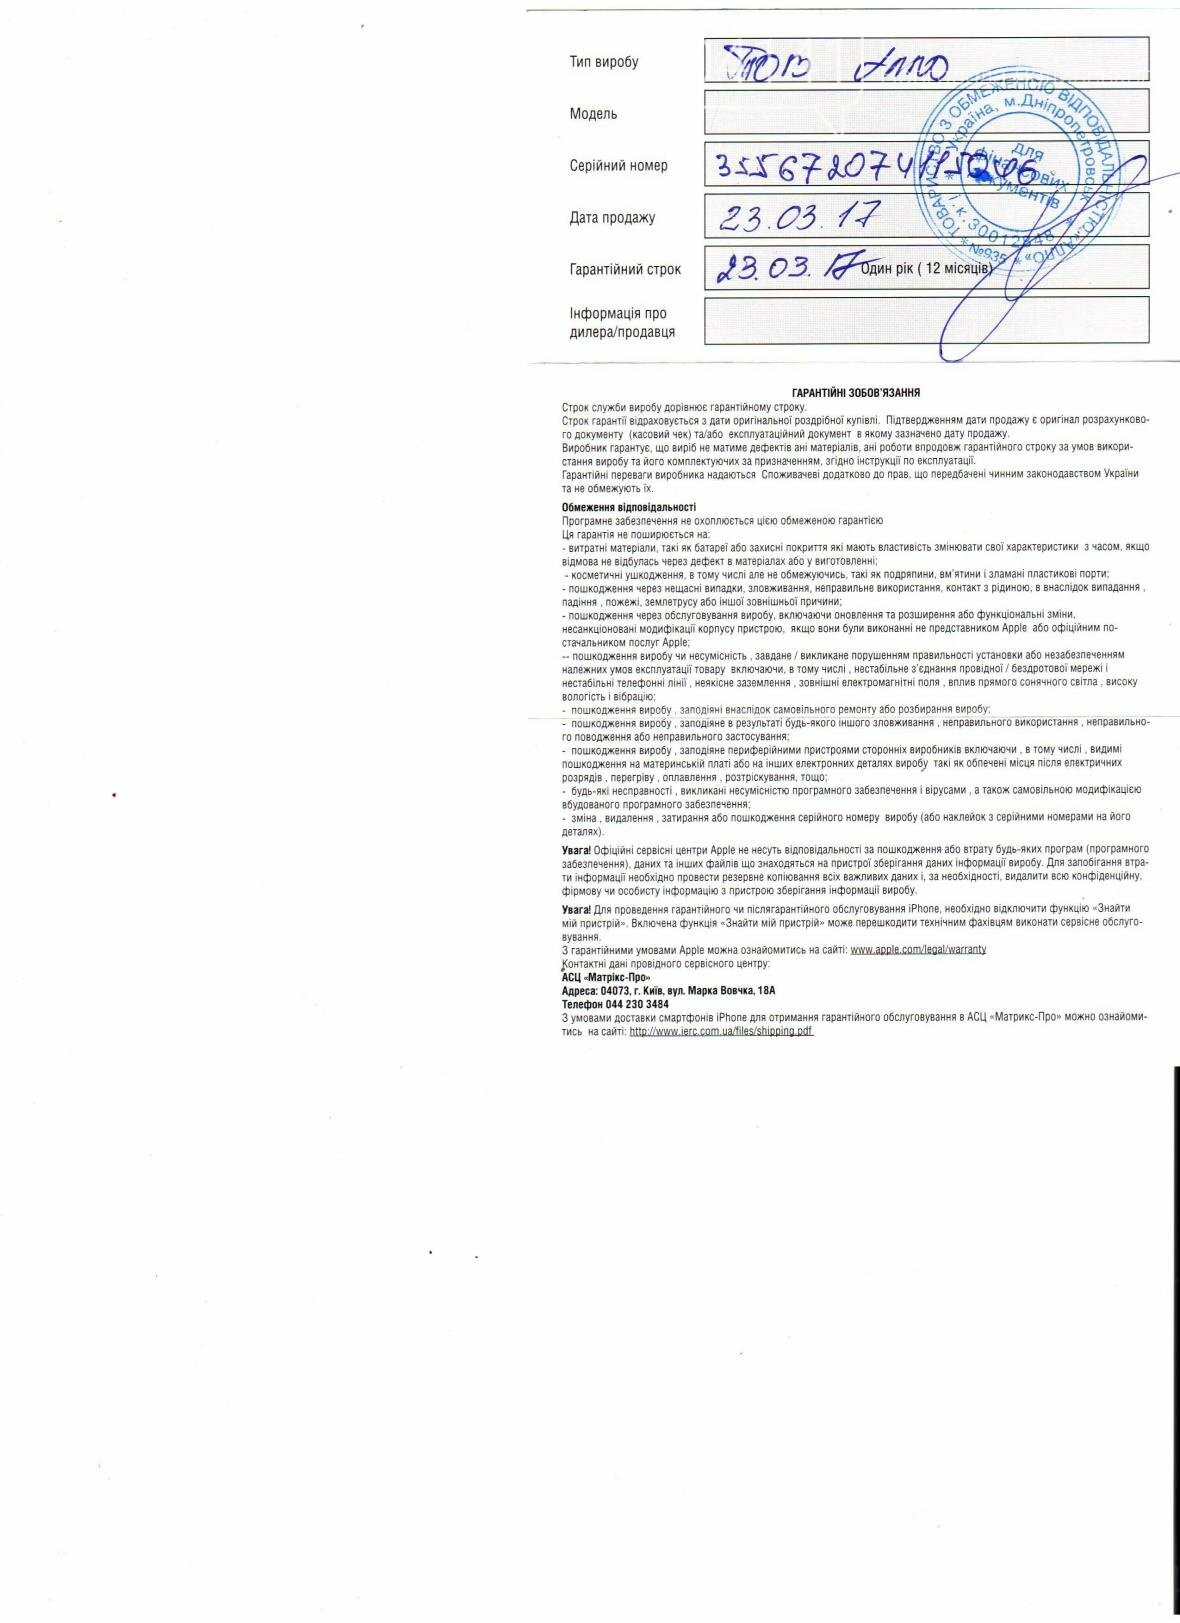 """Ви ще досі хочете iPhone від """"АЛЛО""""?  Сядьте і заспокойтесь...: У Новограді-Волинському покупець обурений якістю обслуговування, фото-6"""